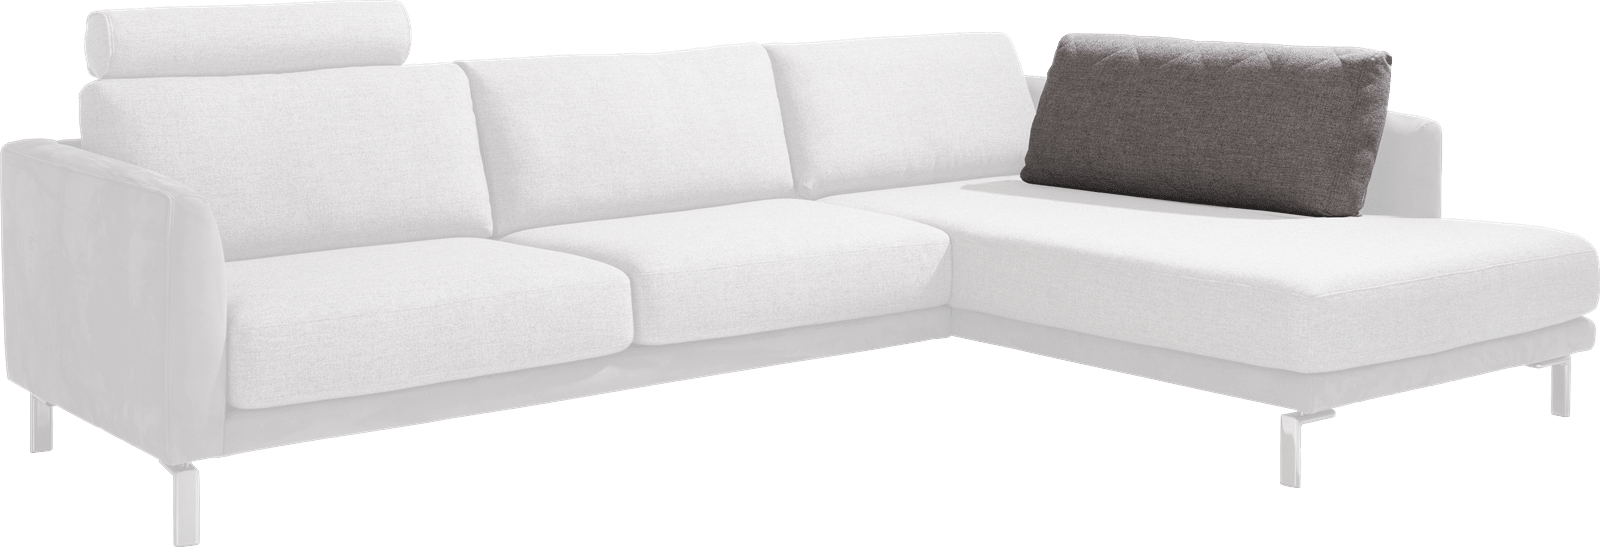 Vigo - ruckenkissen fuer longchair xl - 80 cm